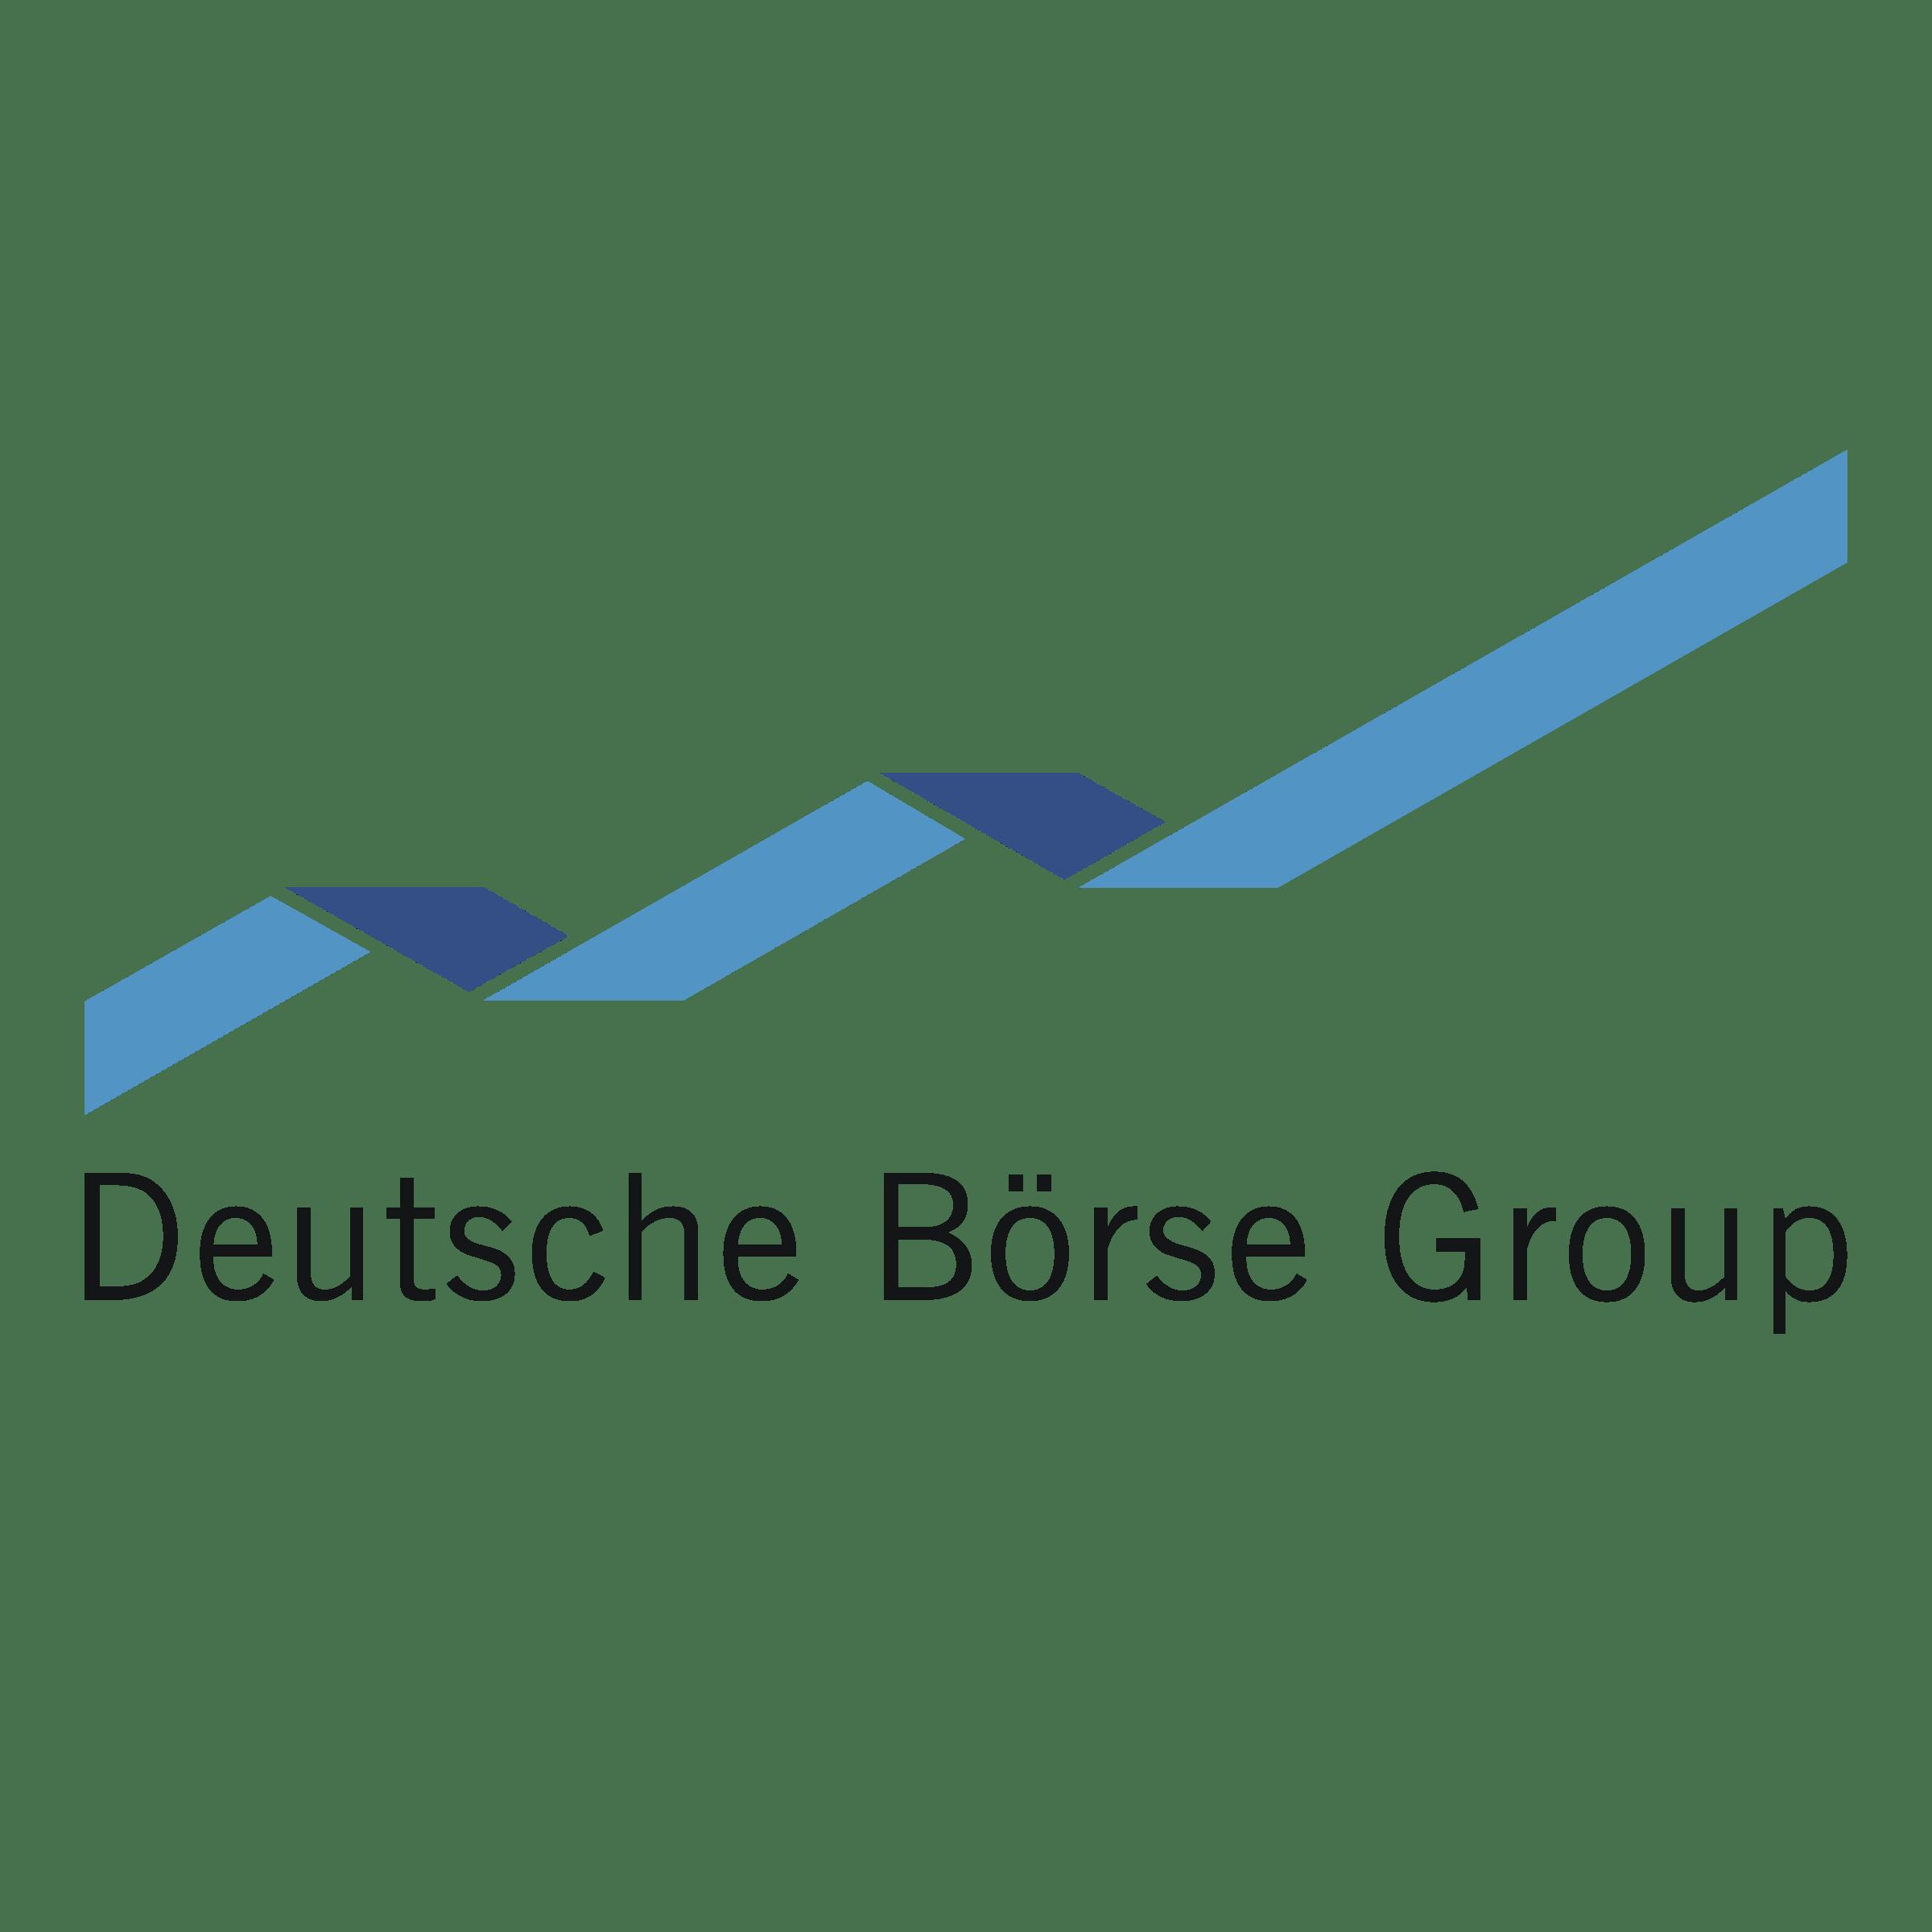 deutsche-borse-group-logo-png-transparent